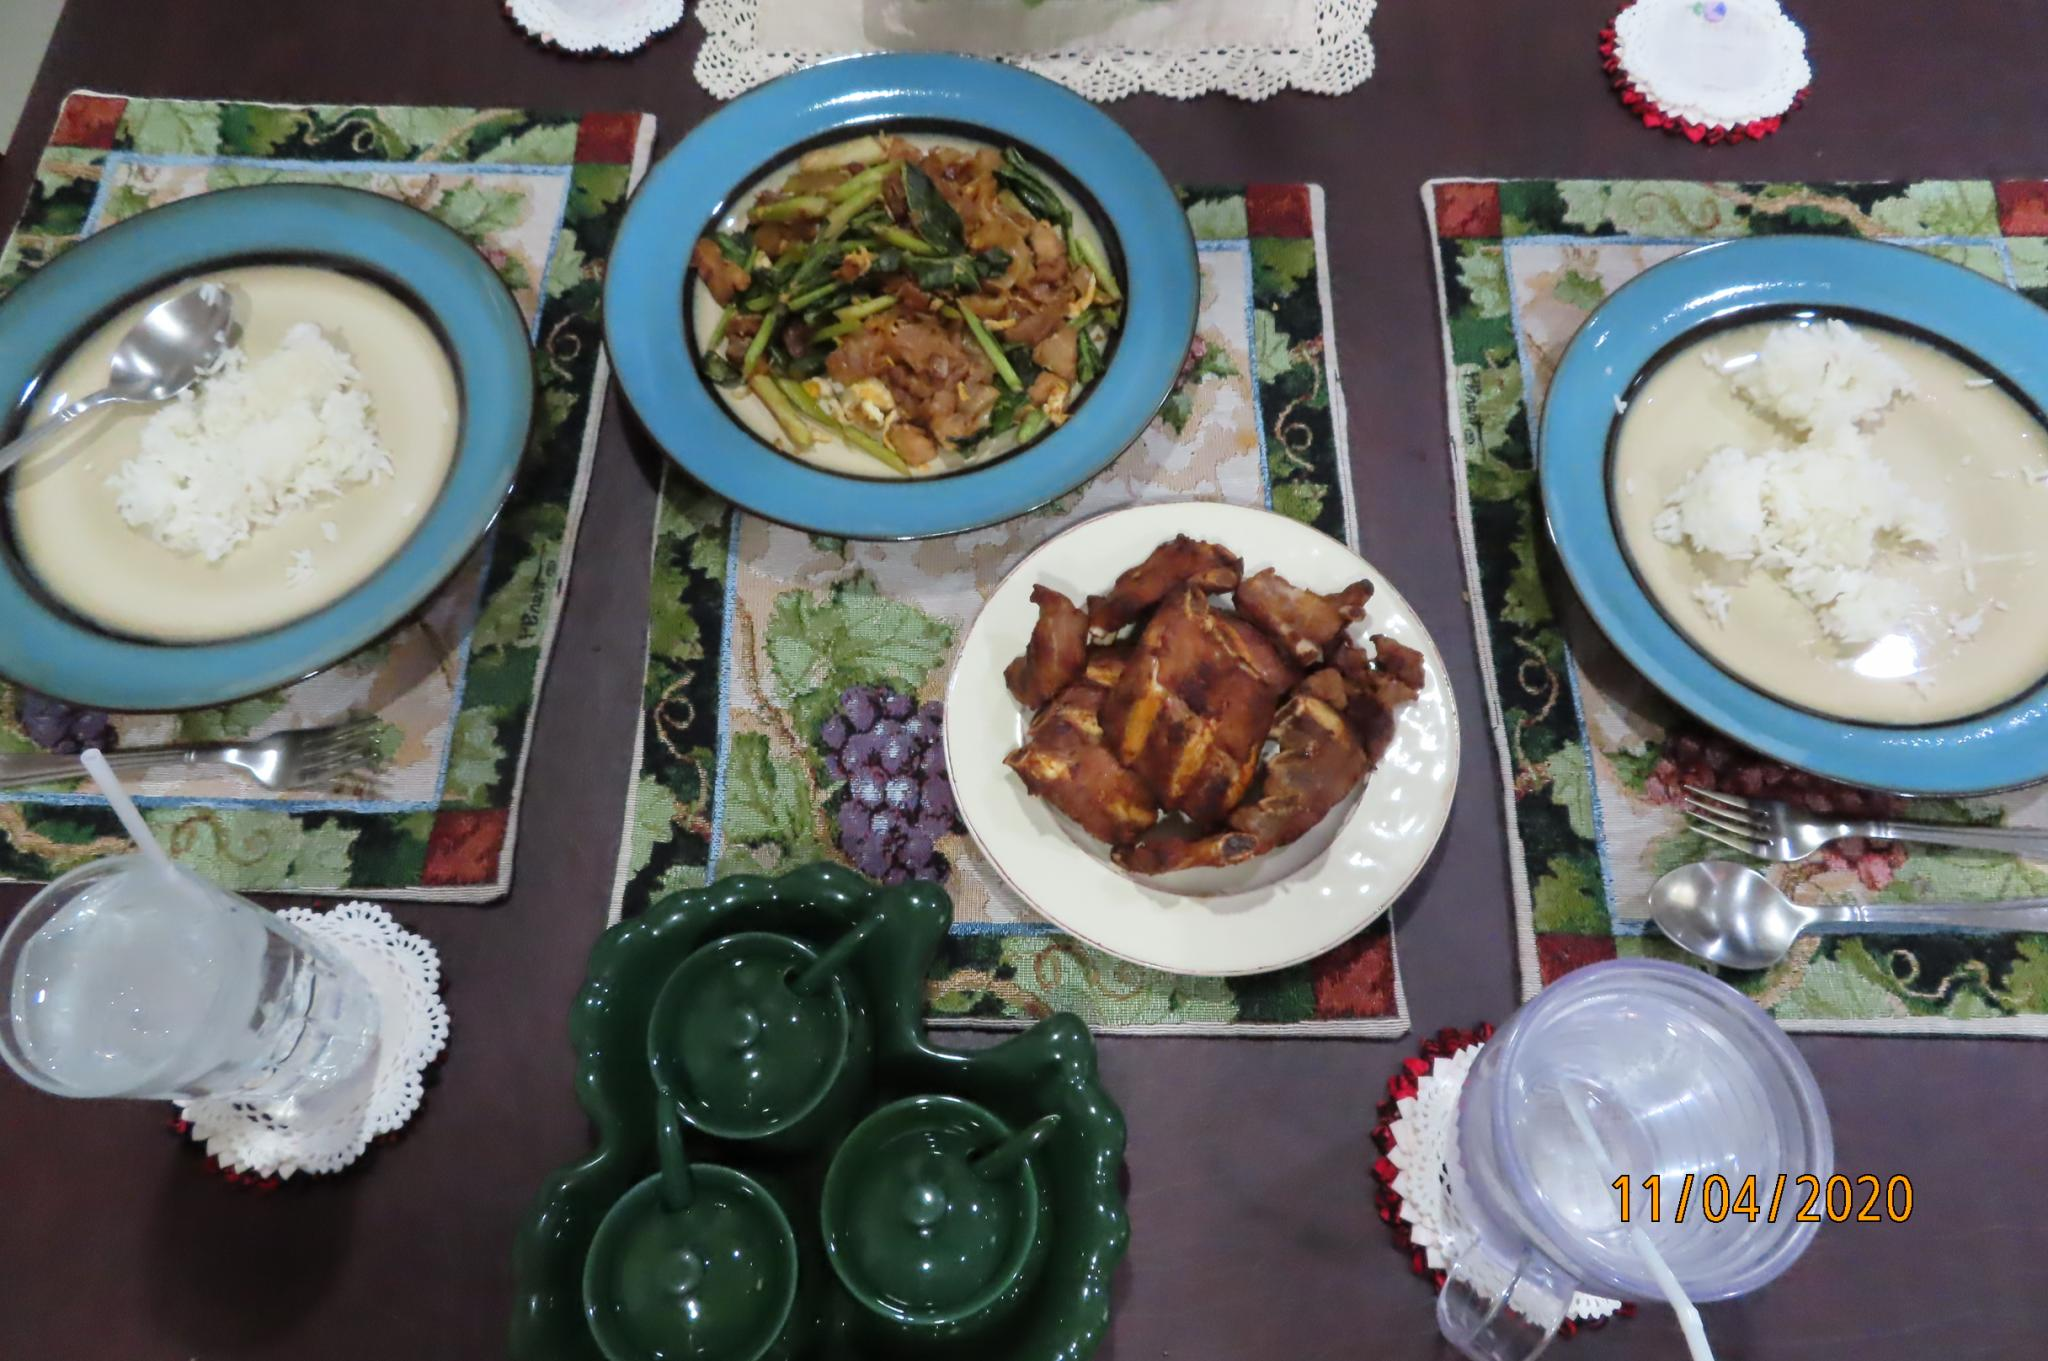 Dinner-img_5670-jpg